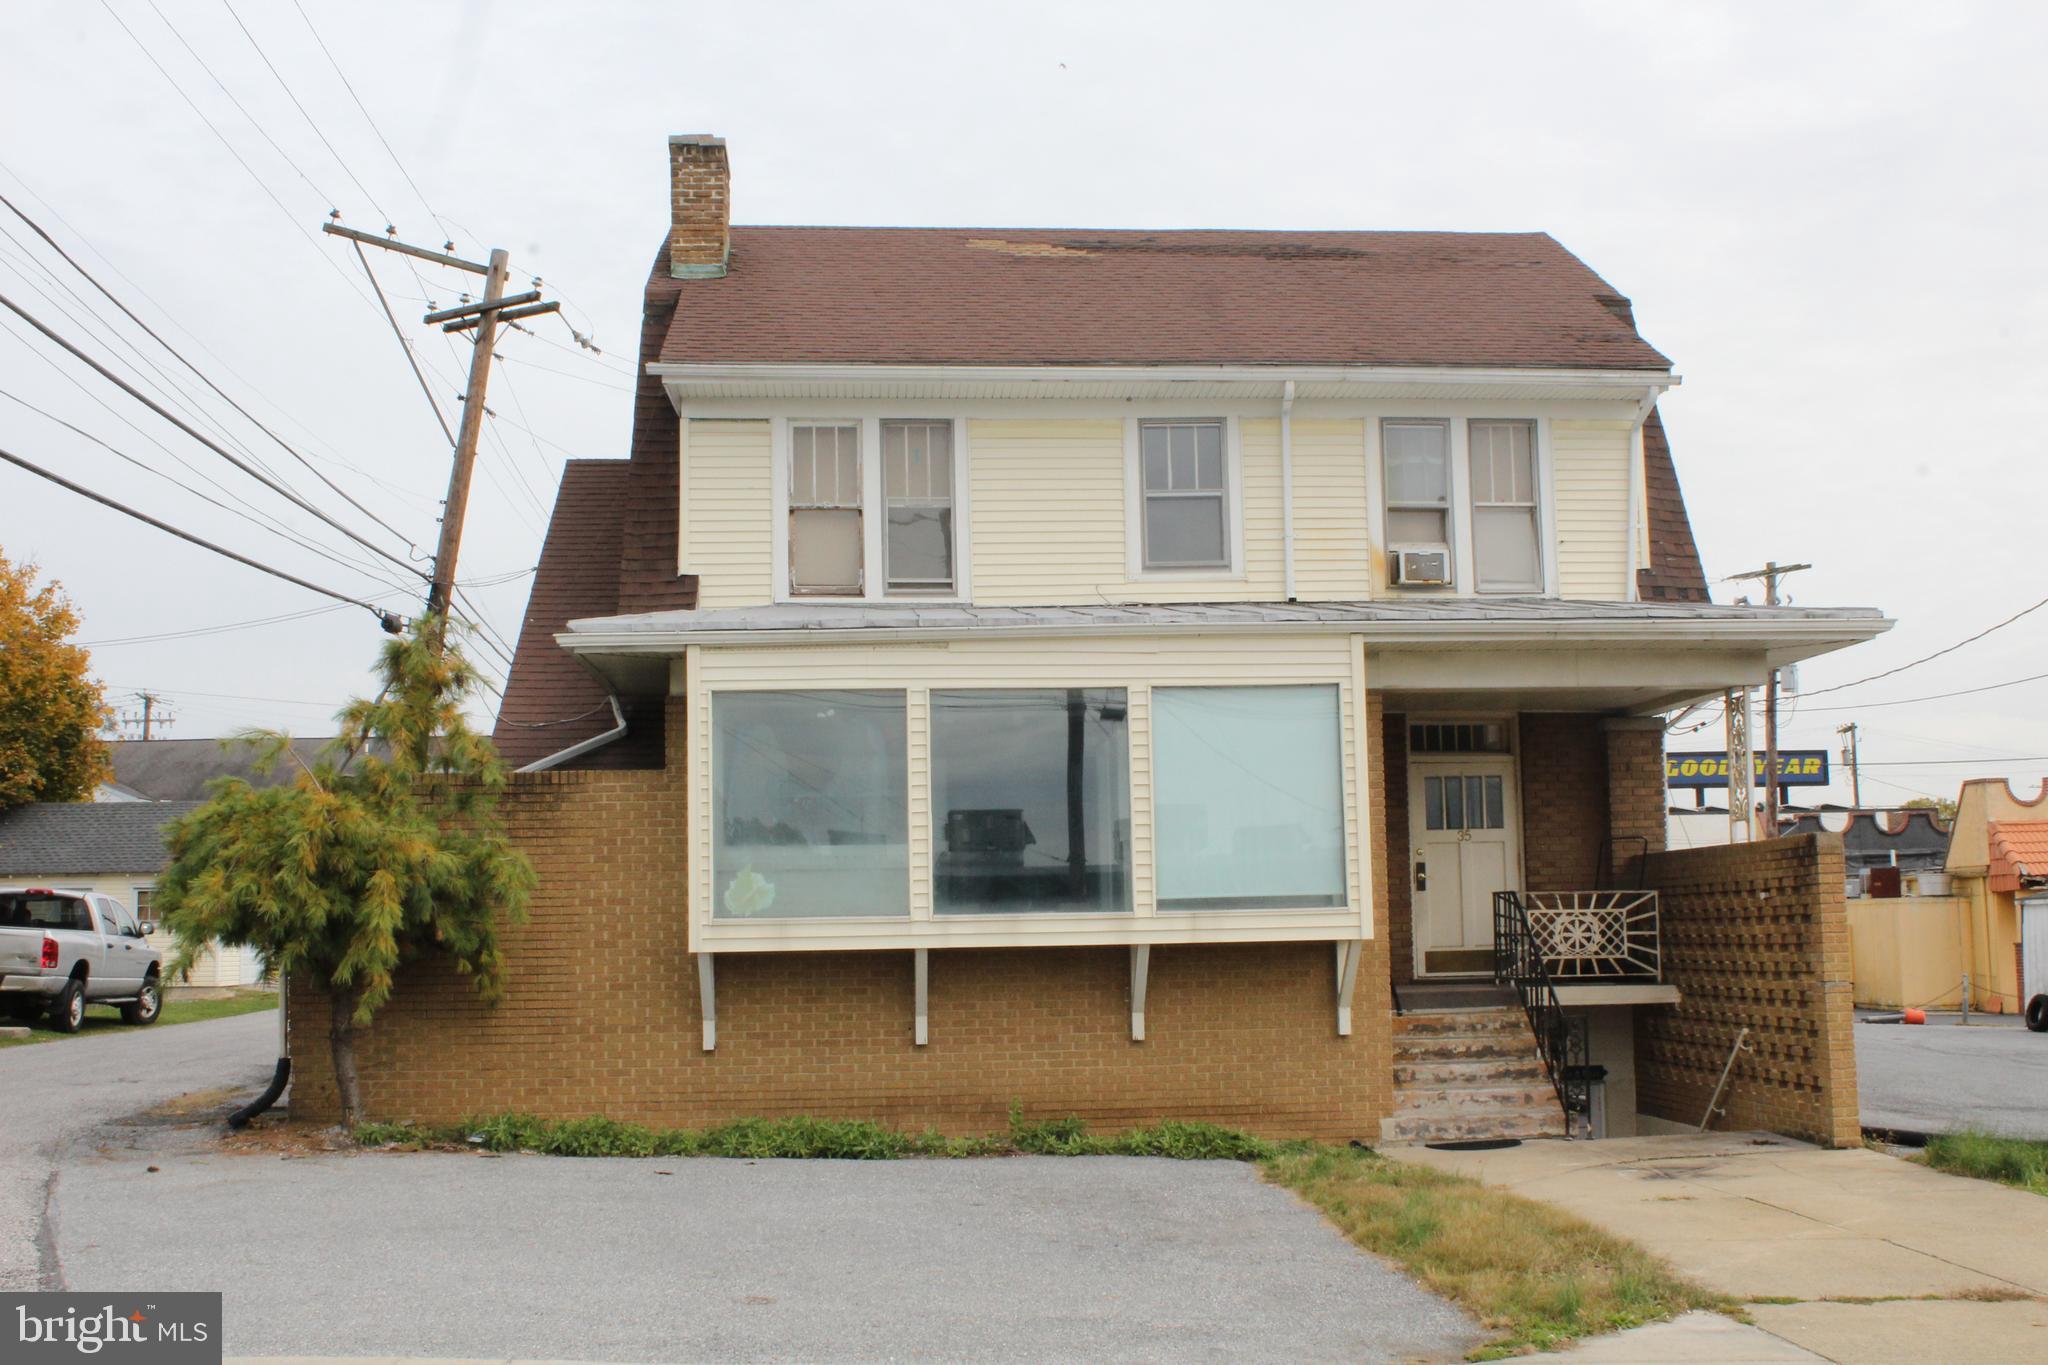 35 N 10TH STREET, LEMOYNE, PA 17043